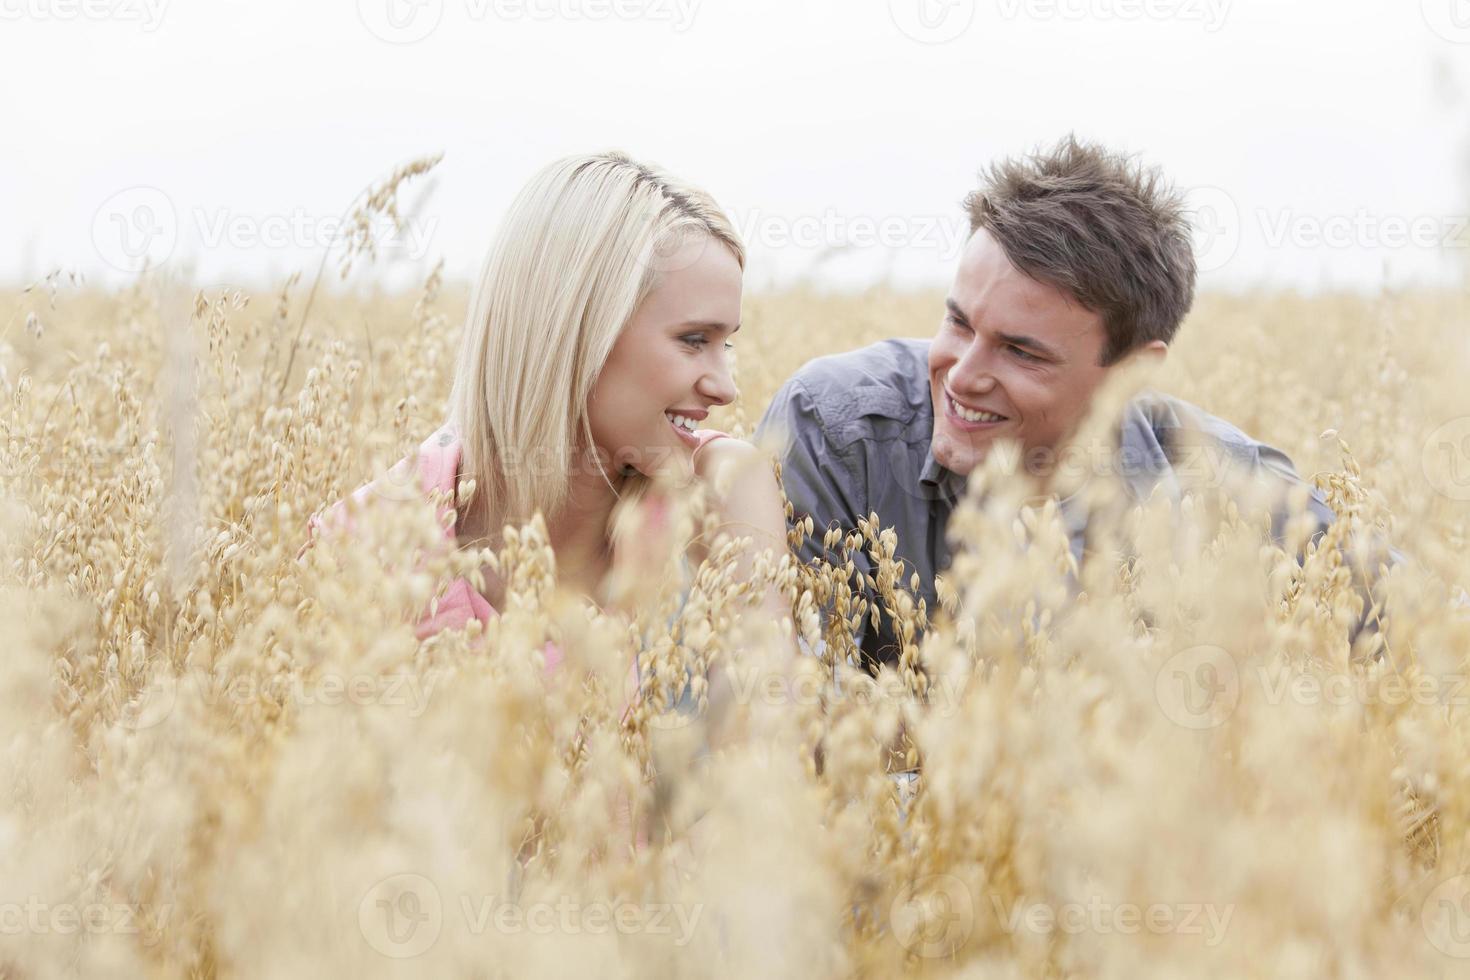 homme heureux, regarder, femme, quoique, délassant, parmi, champ photo